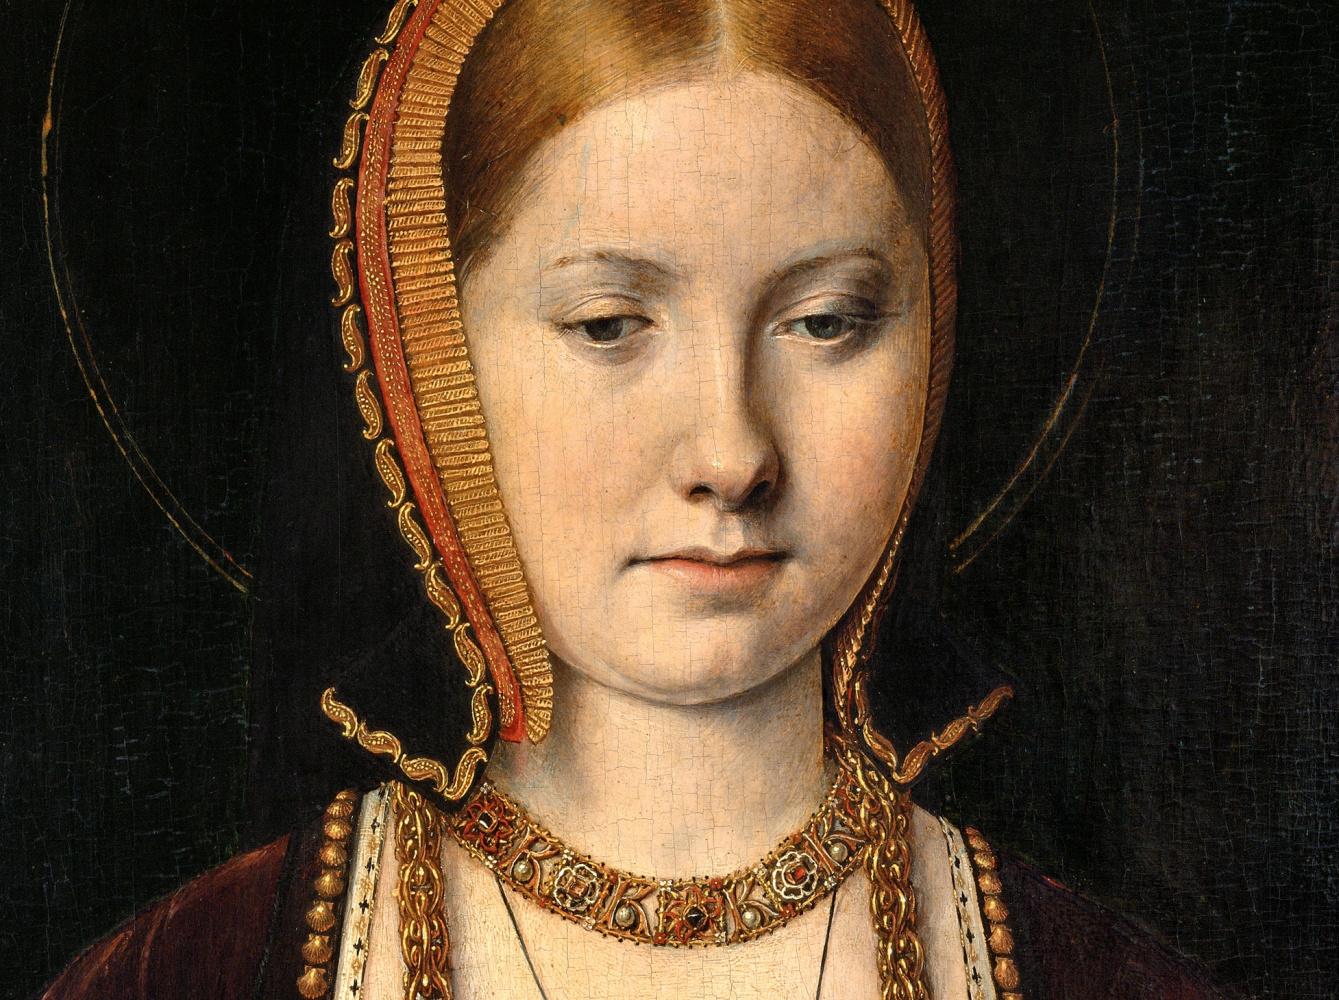 Эстонского «портретиста королей» эпохи Возрождения чествуют в Вашингтоне